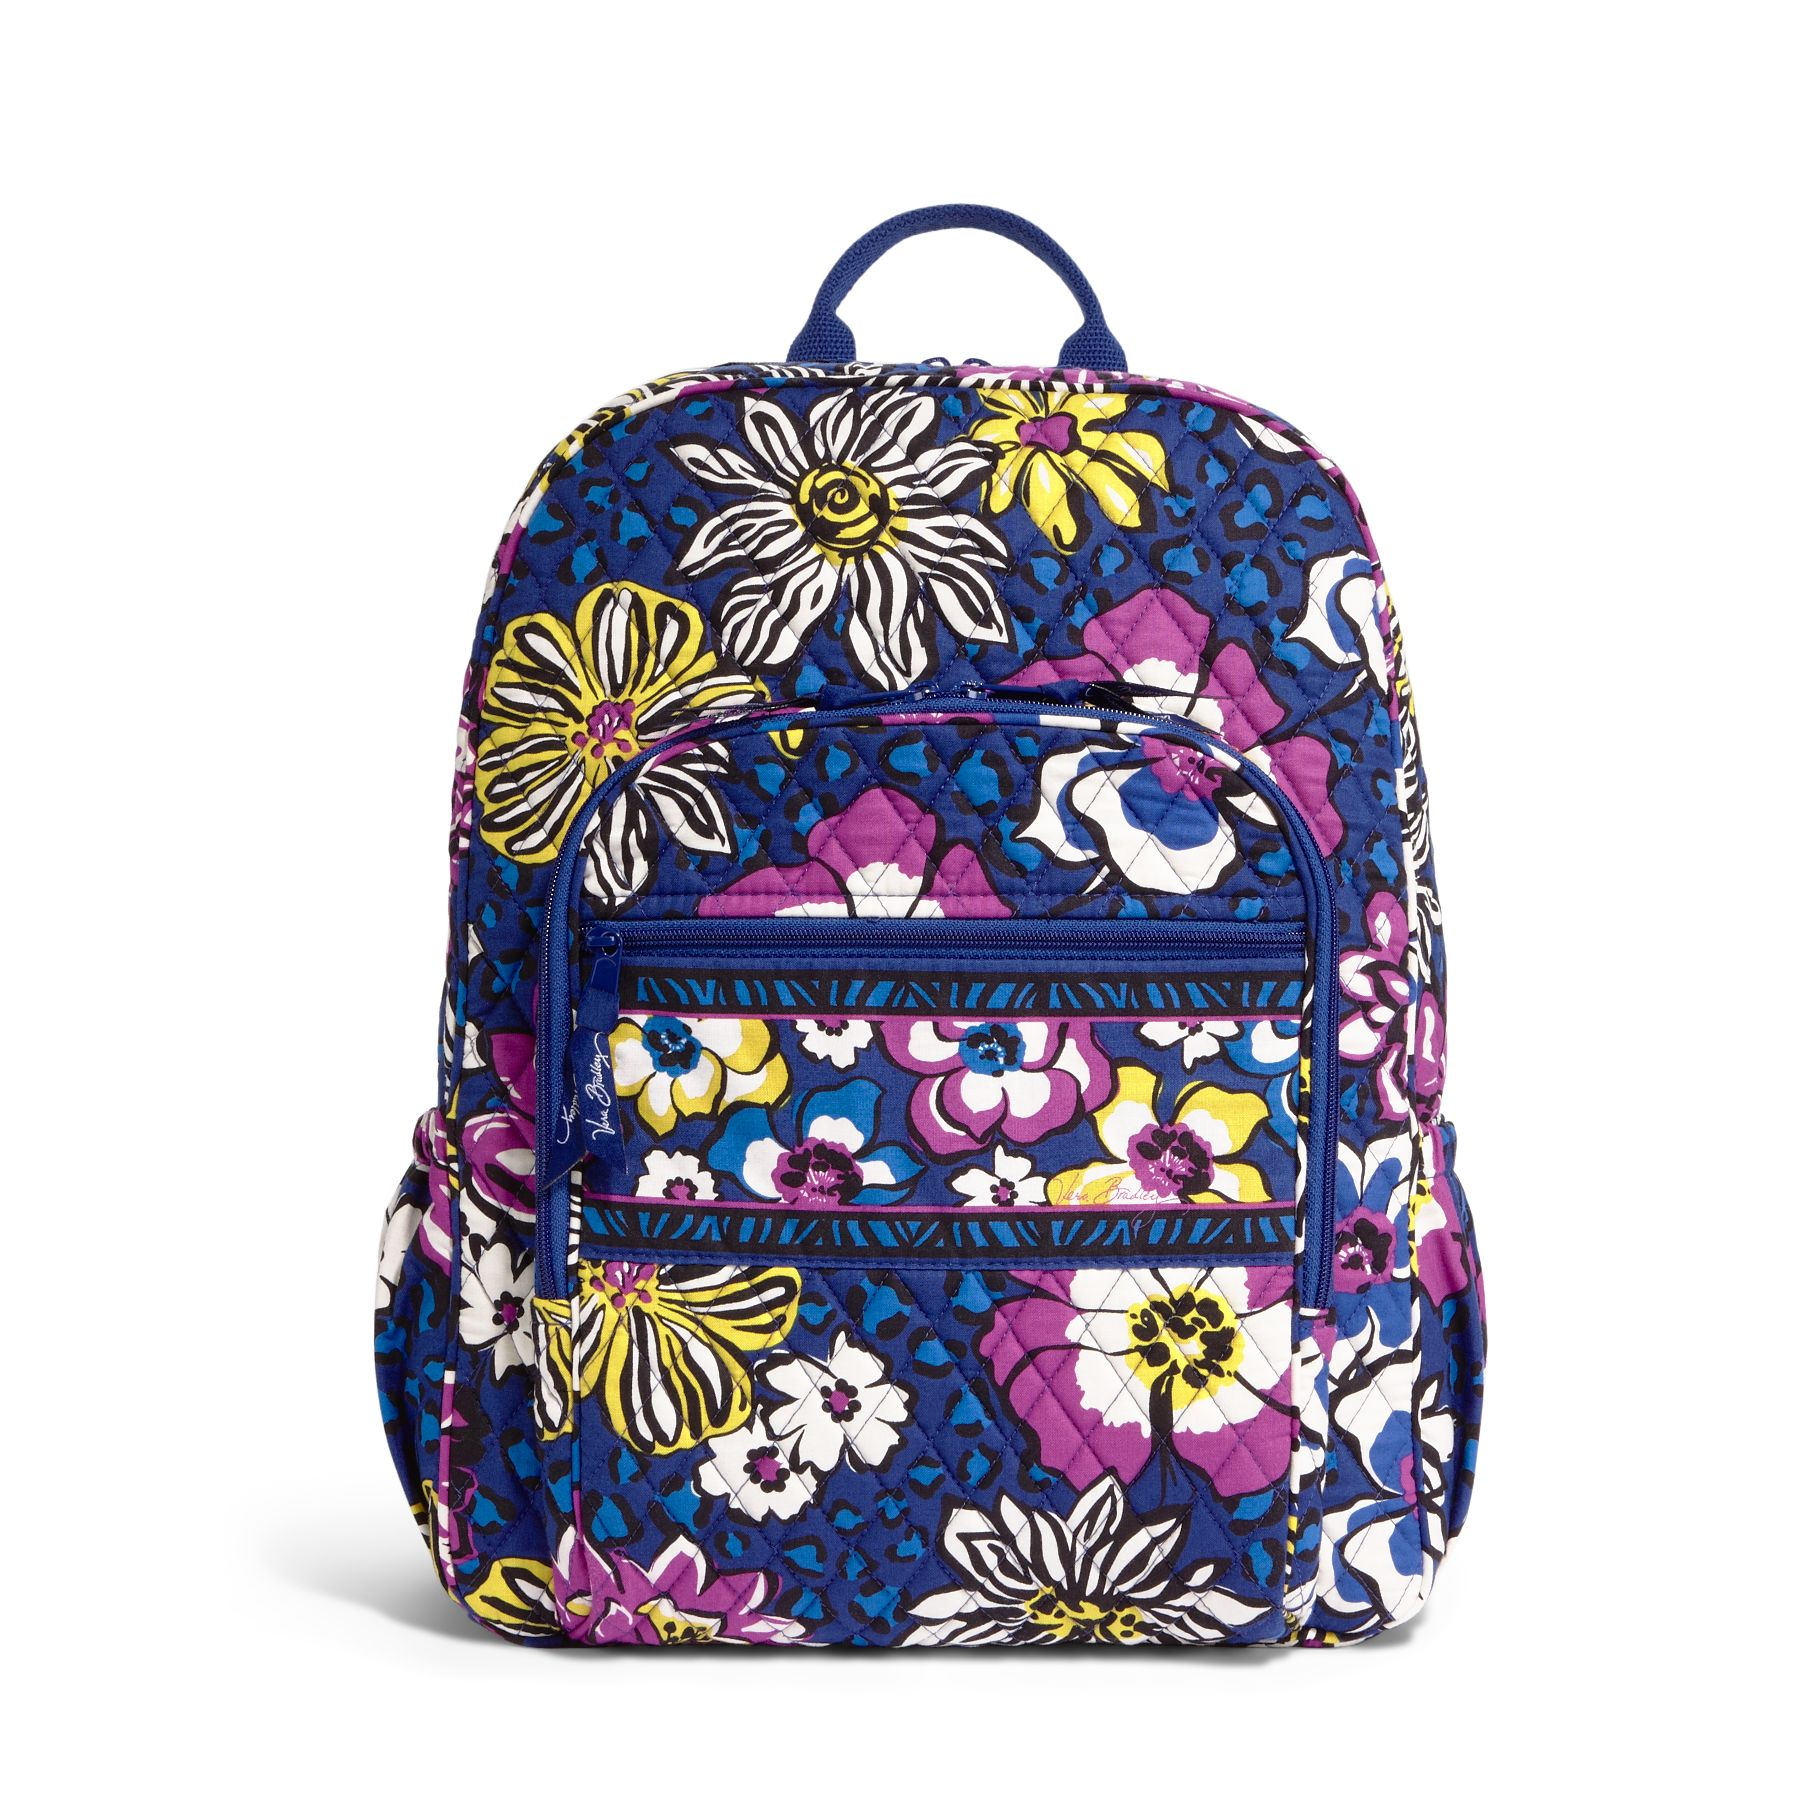 Vera Bradley Campus Backpack in African Violet